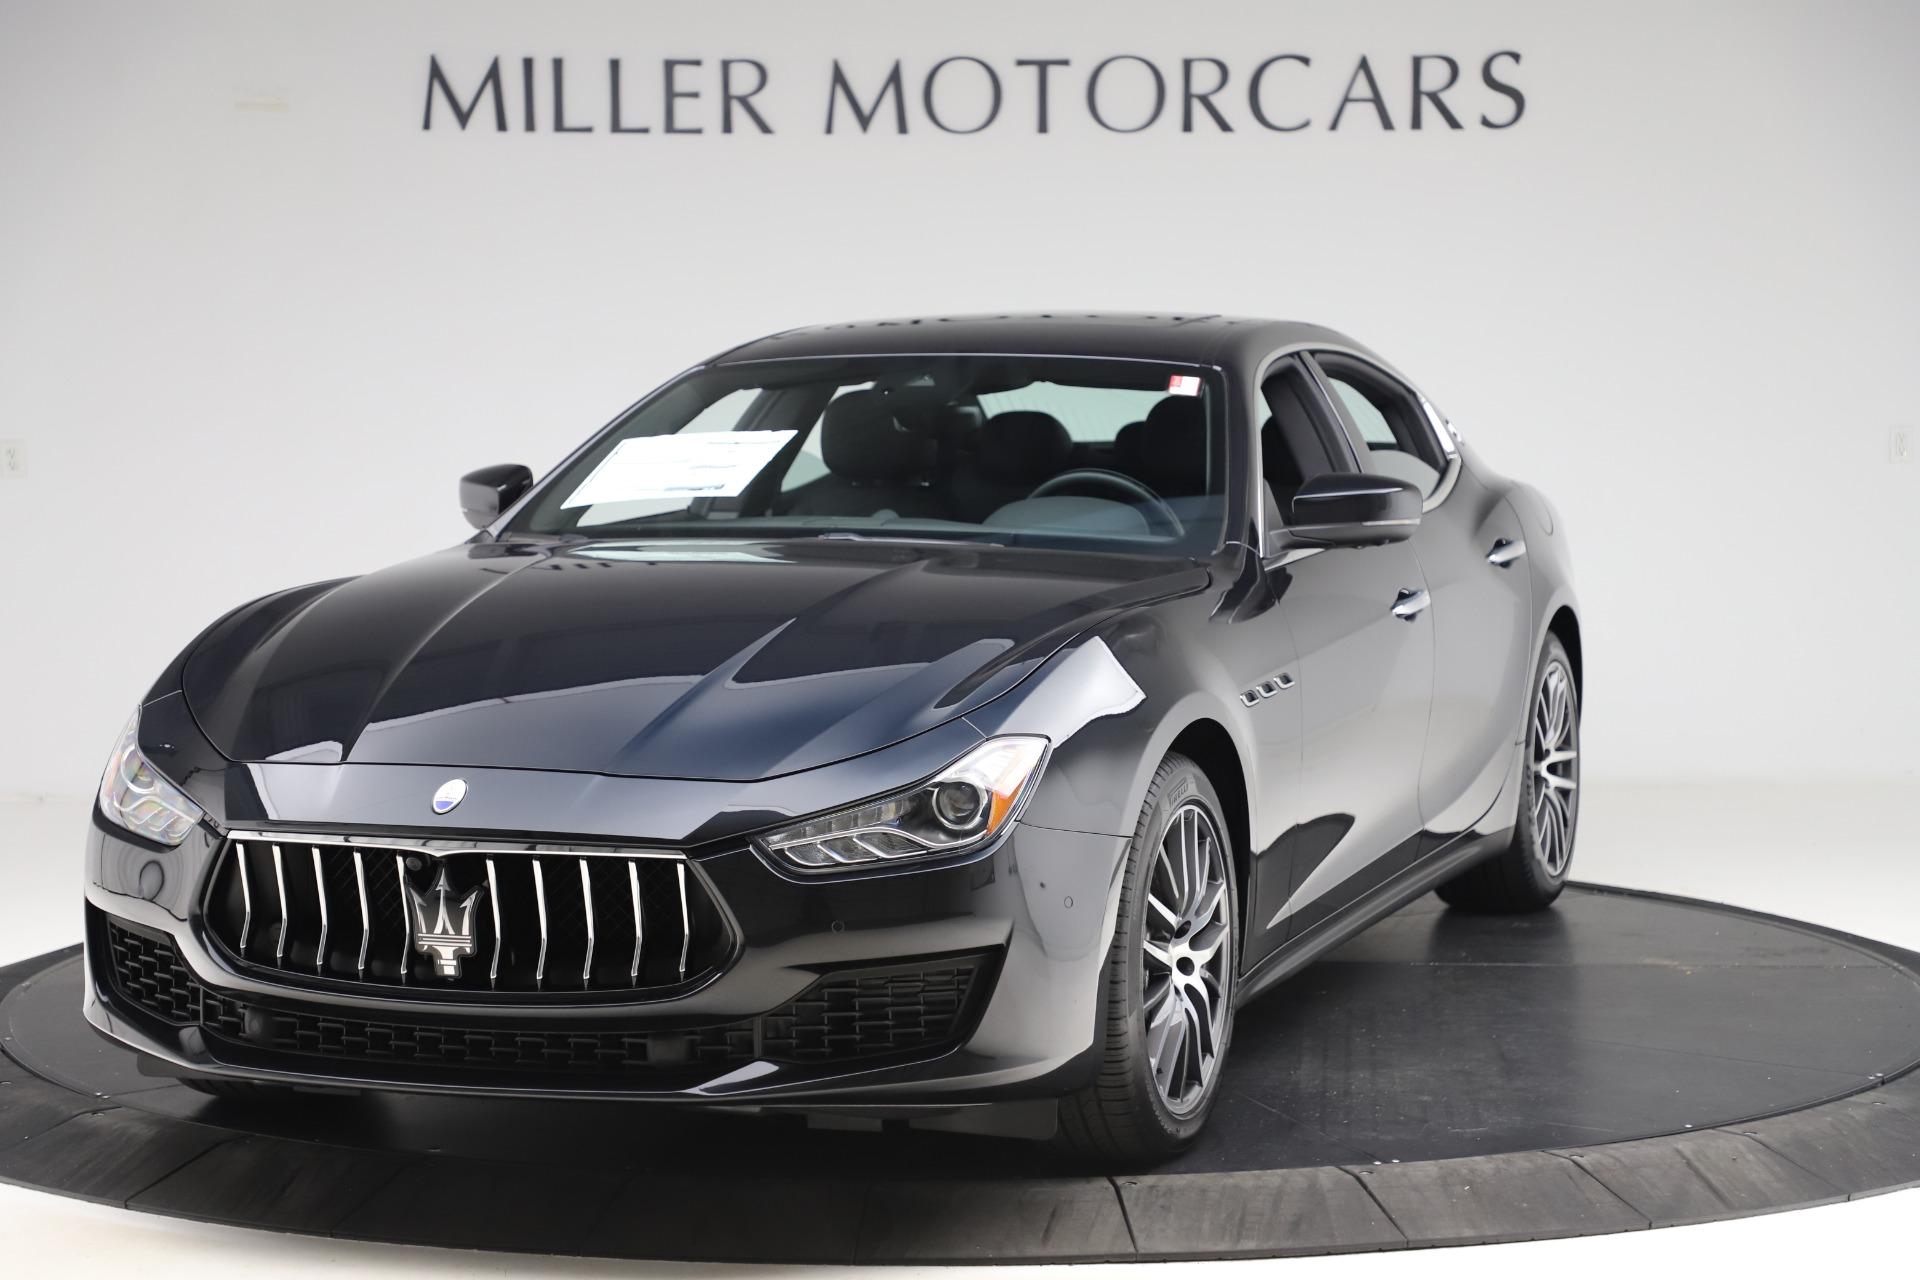 New 2019 Maserati Ghibli S Q4 for sale $91,165 at Bugatti of Greenwich in Greenwich CT 06830 1